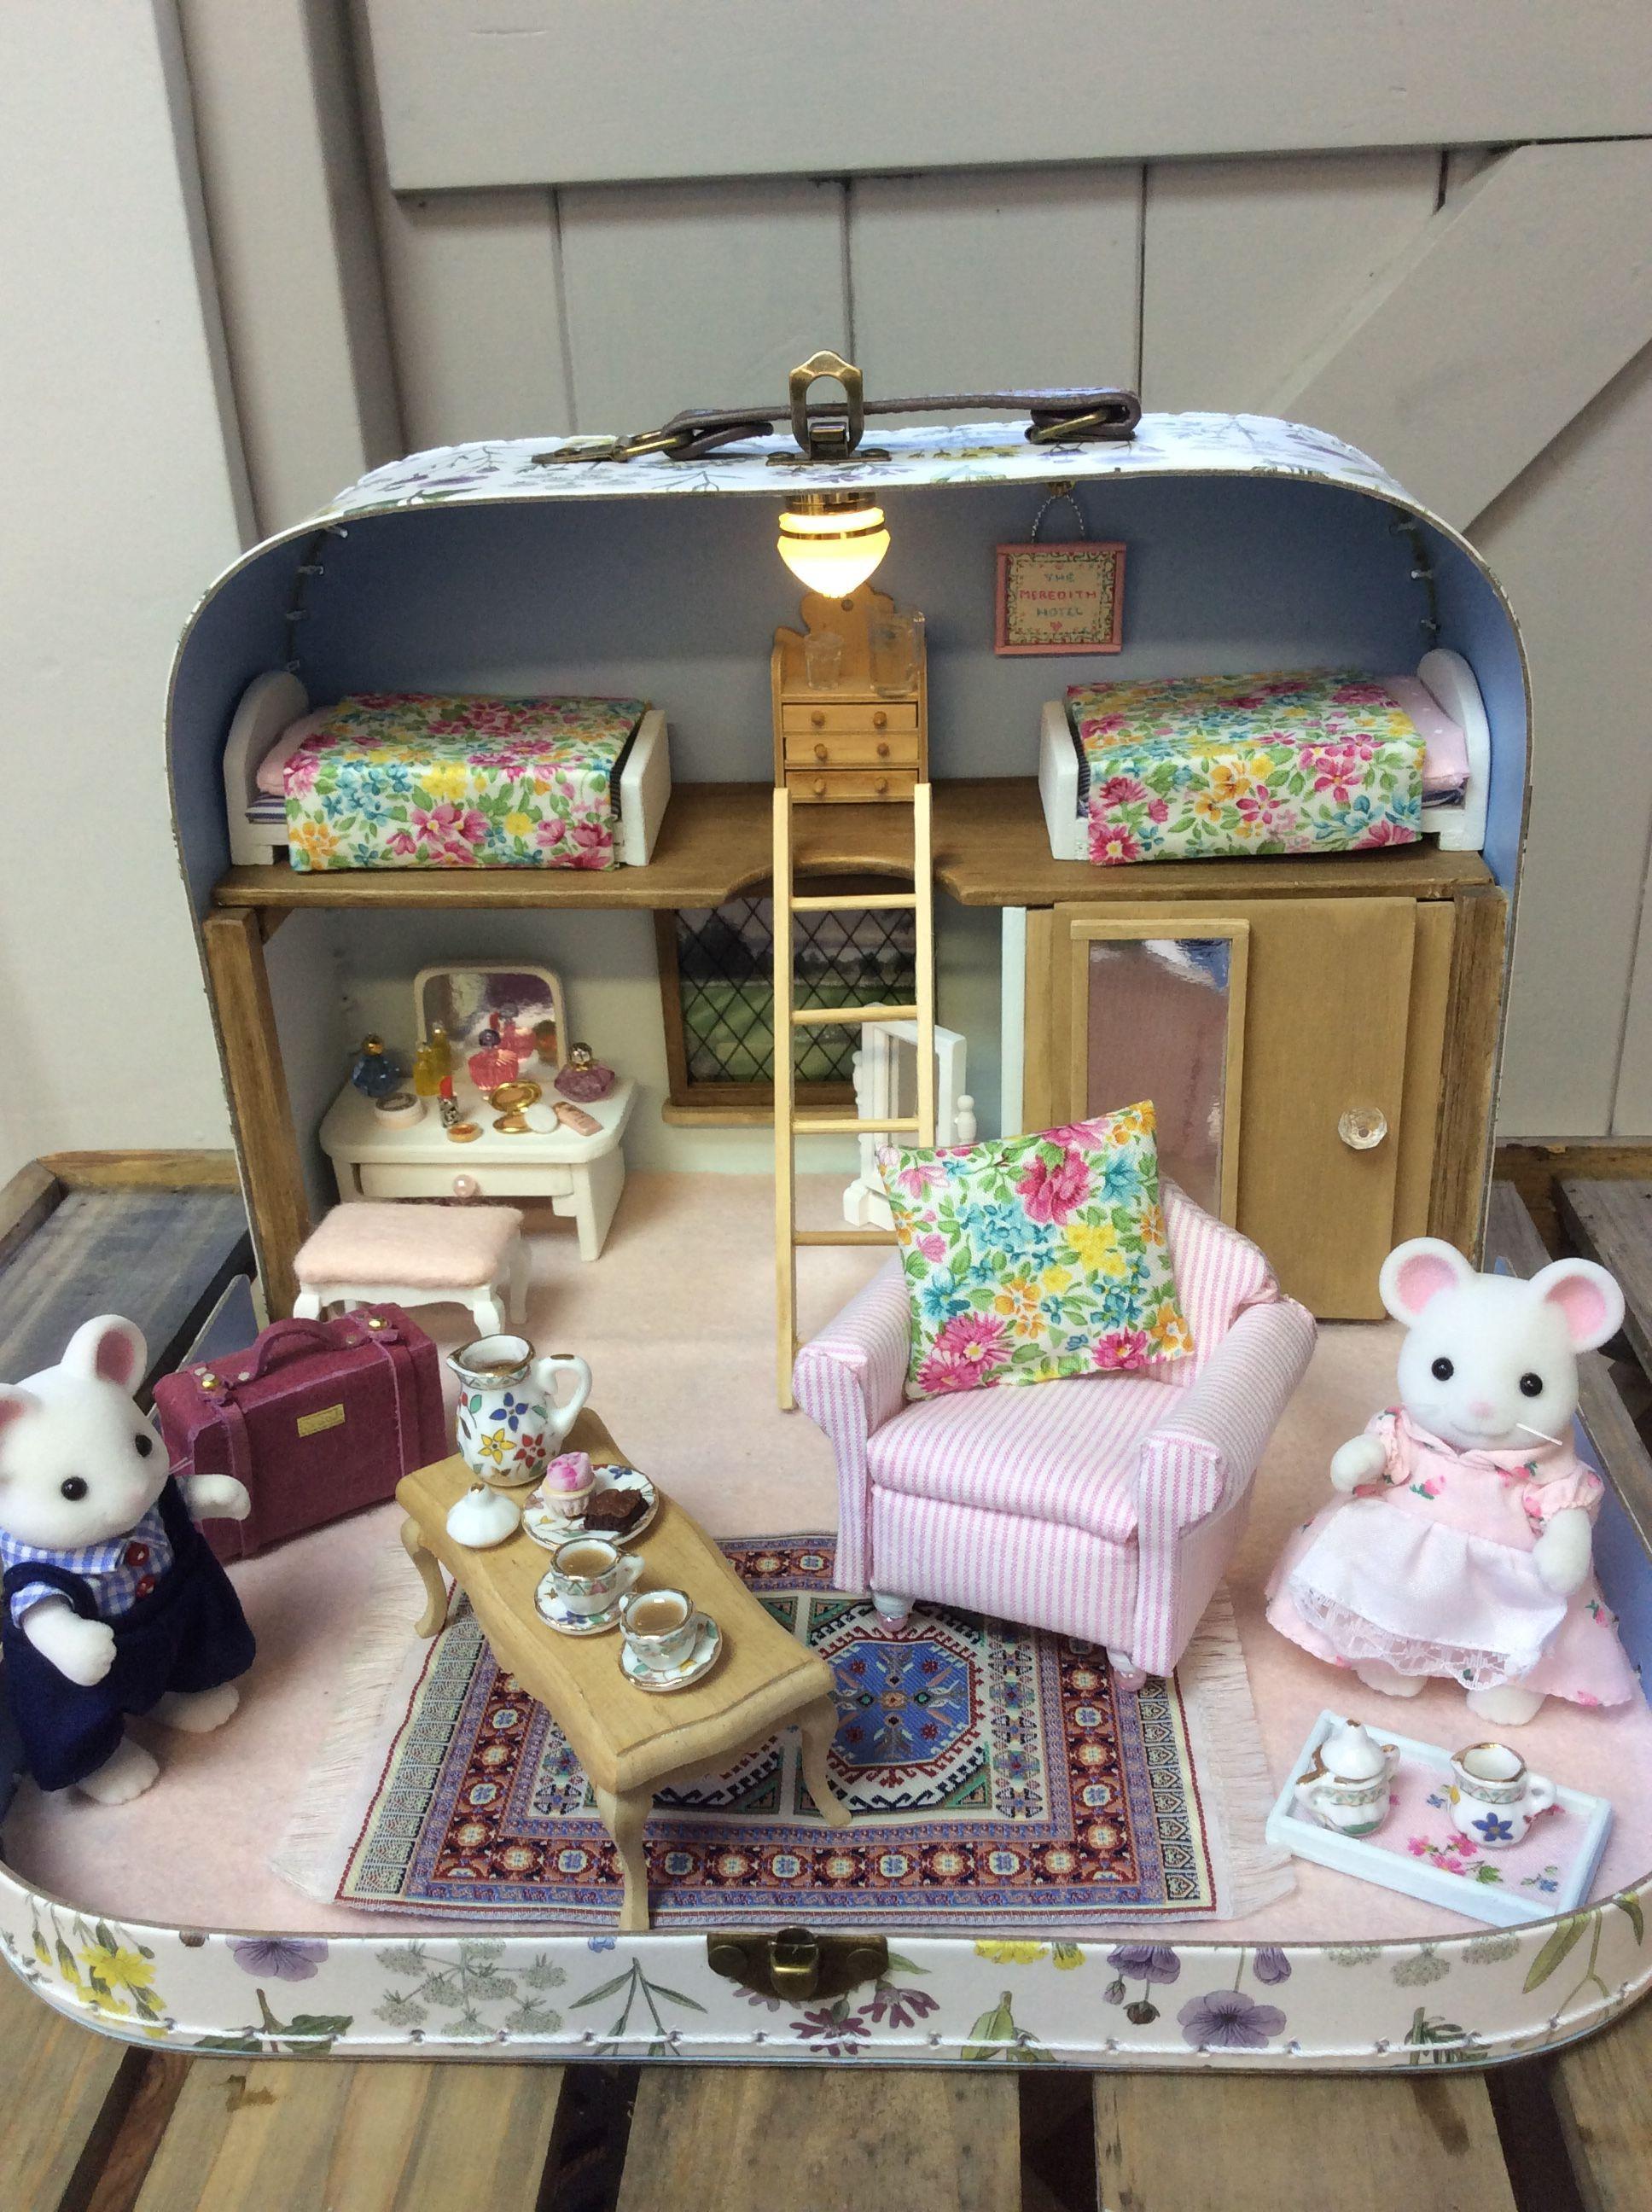 Le Plus A Jour Totalement Gratuit Jouets Diy Enfant Style Fabriquer Les Jouets Des En En 2020 Maison De Poupee Miniatures Pour Maison De Poupee Jouets Faits Maison